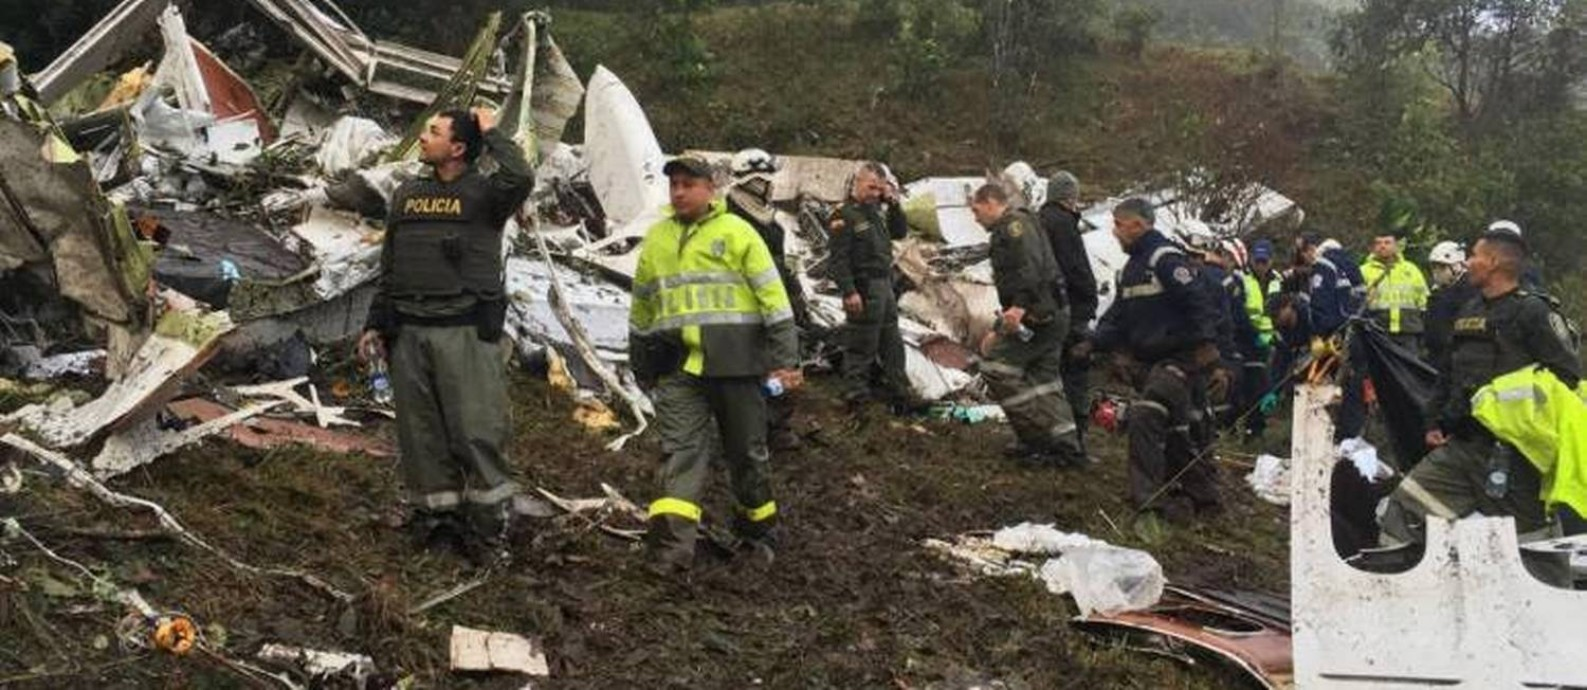 O avião da Chapecoense caiu num lugar de difícil acesso, depois de impactar contra um morro Foto: Fotos de divulgação da polícia colombiana / Agência O Globo